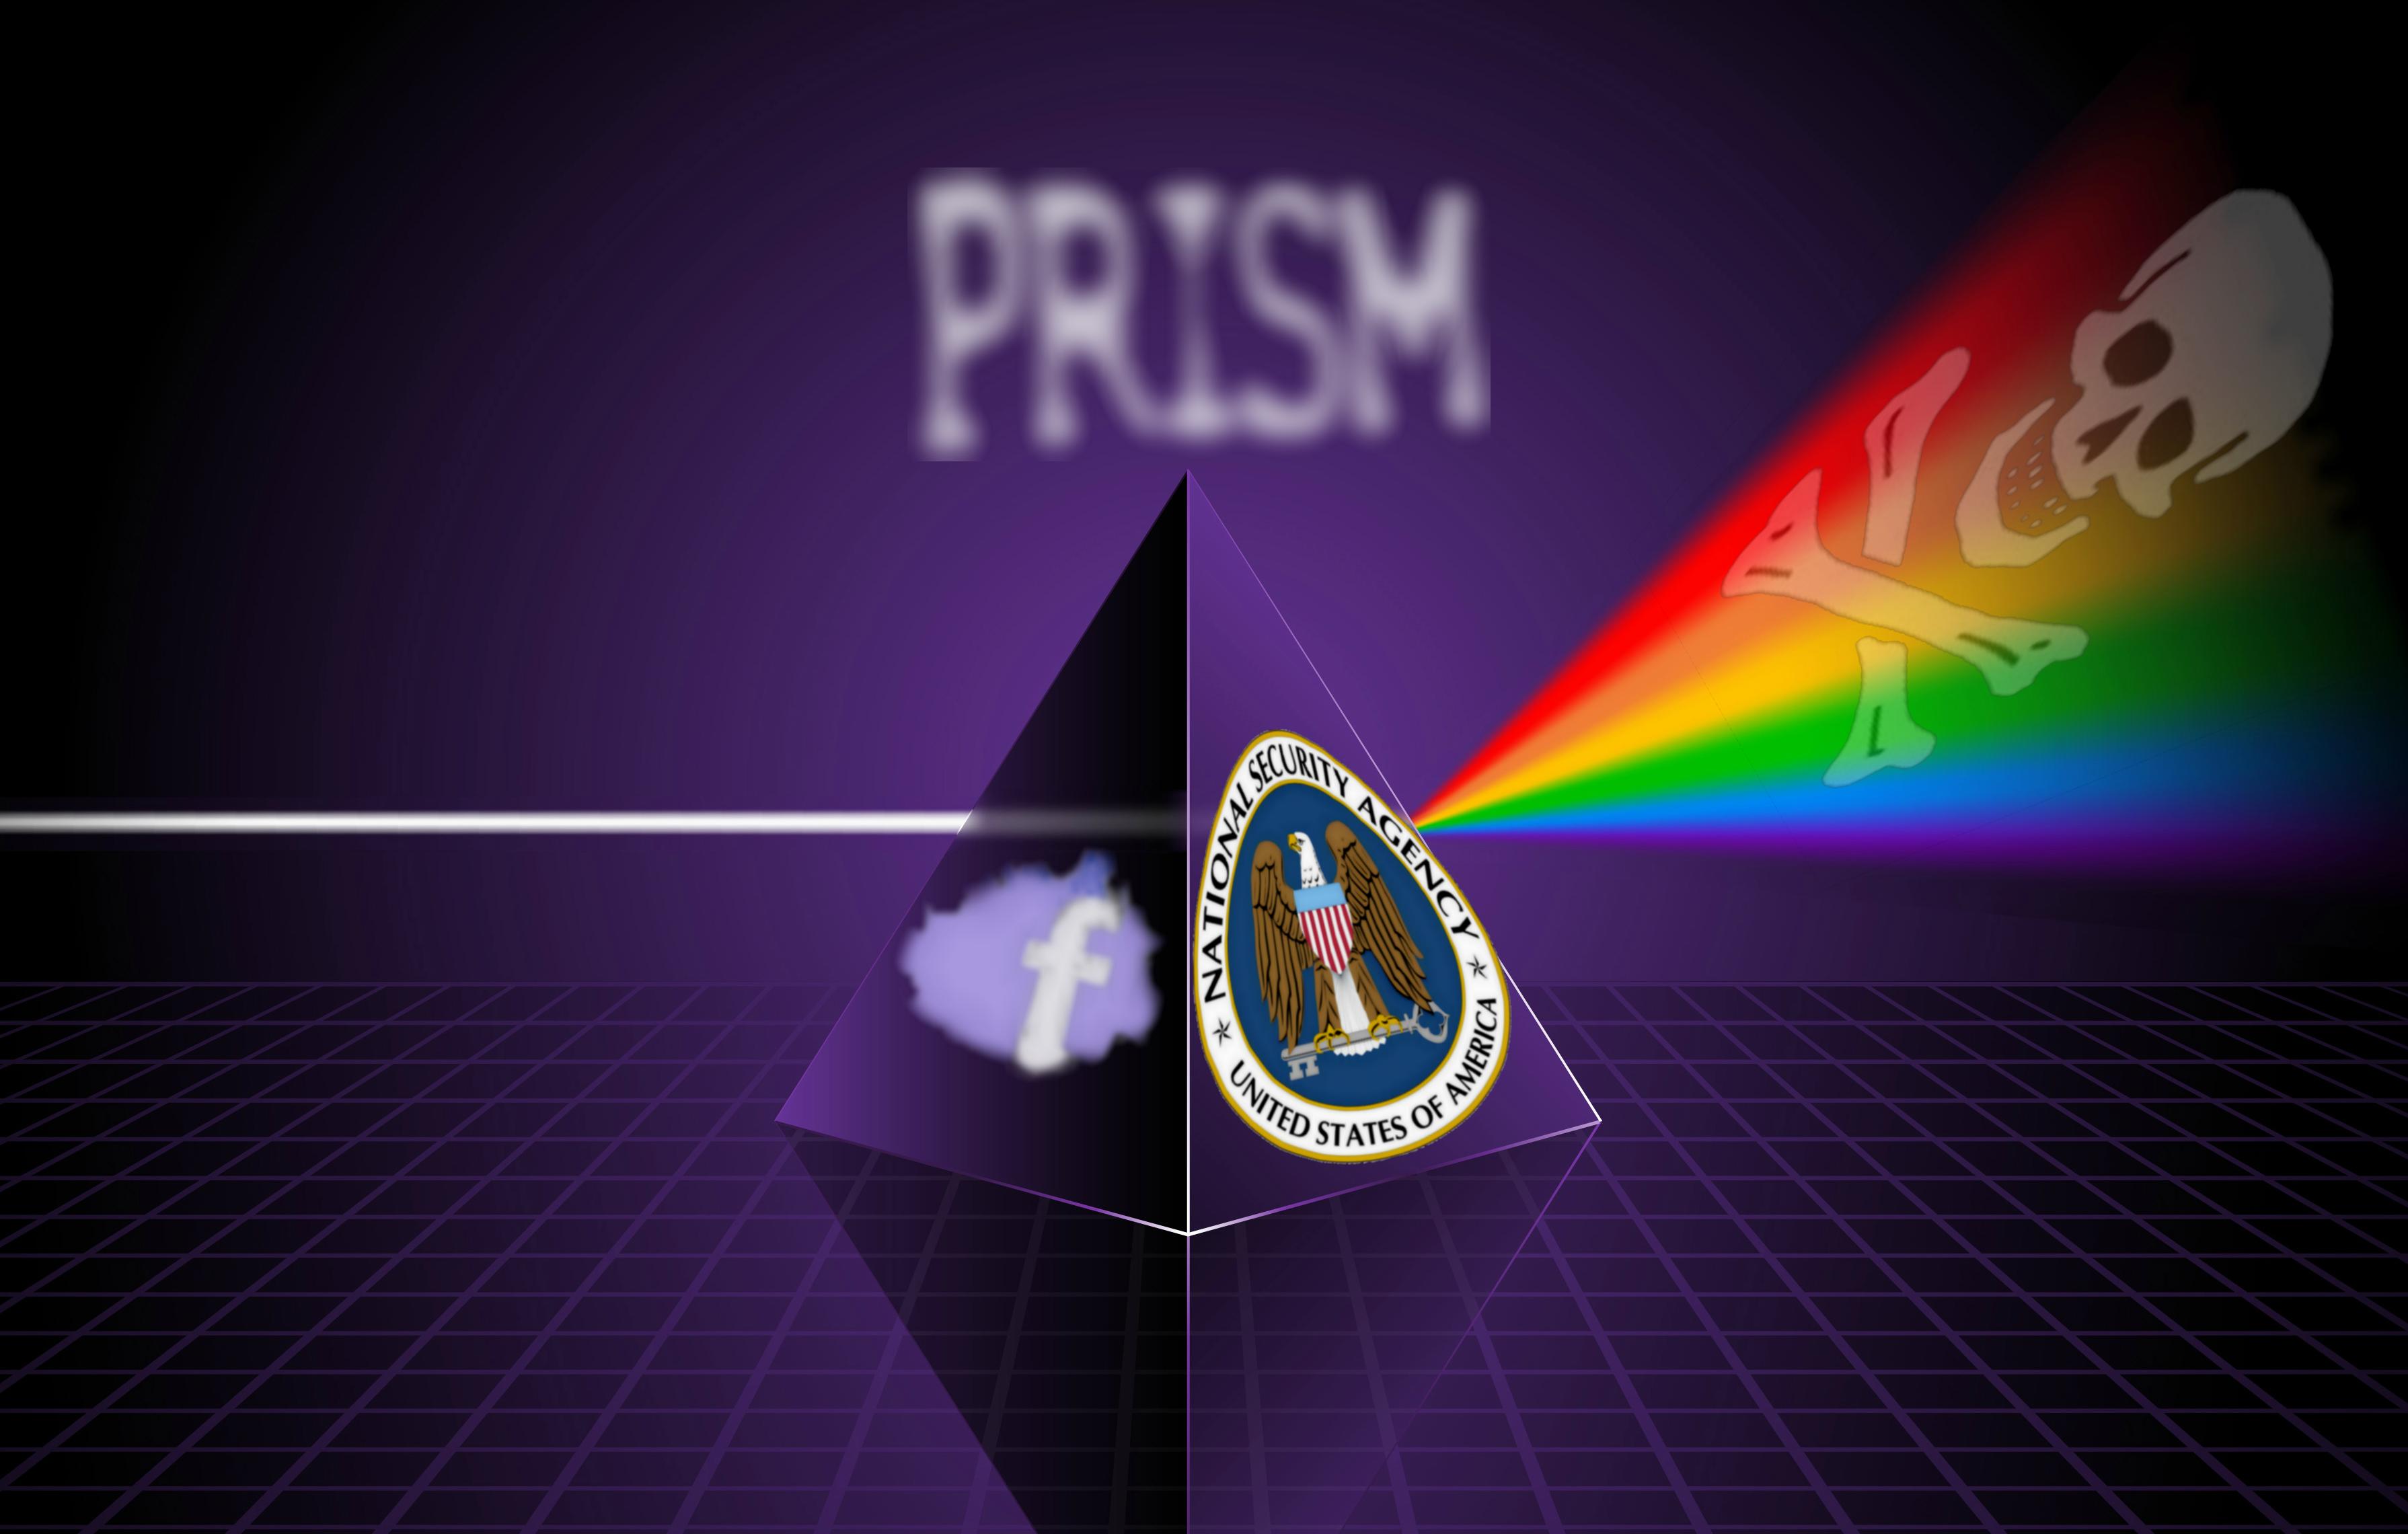 Prism e l'Nsa violano la Costituzione Usa